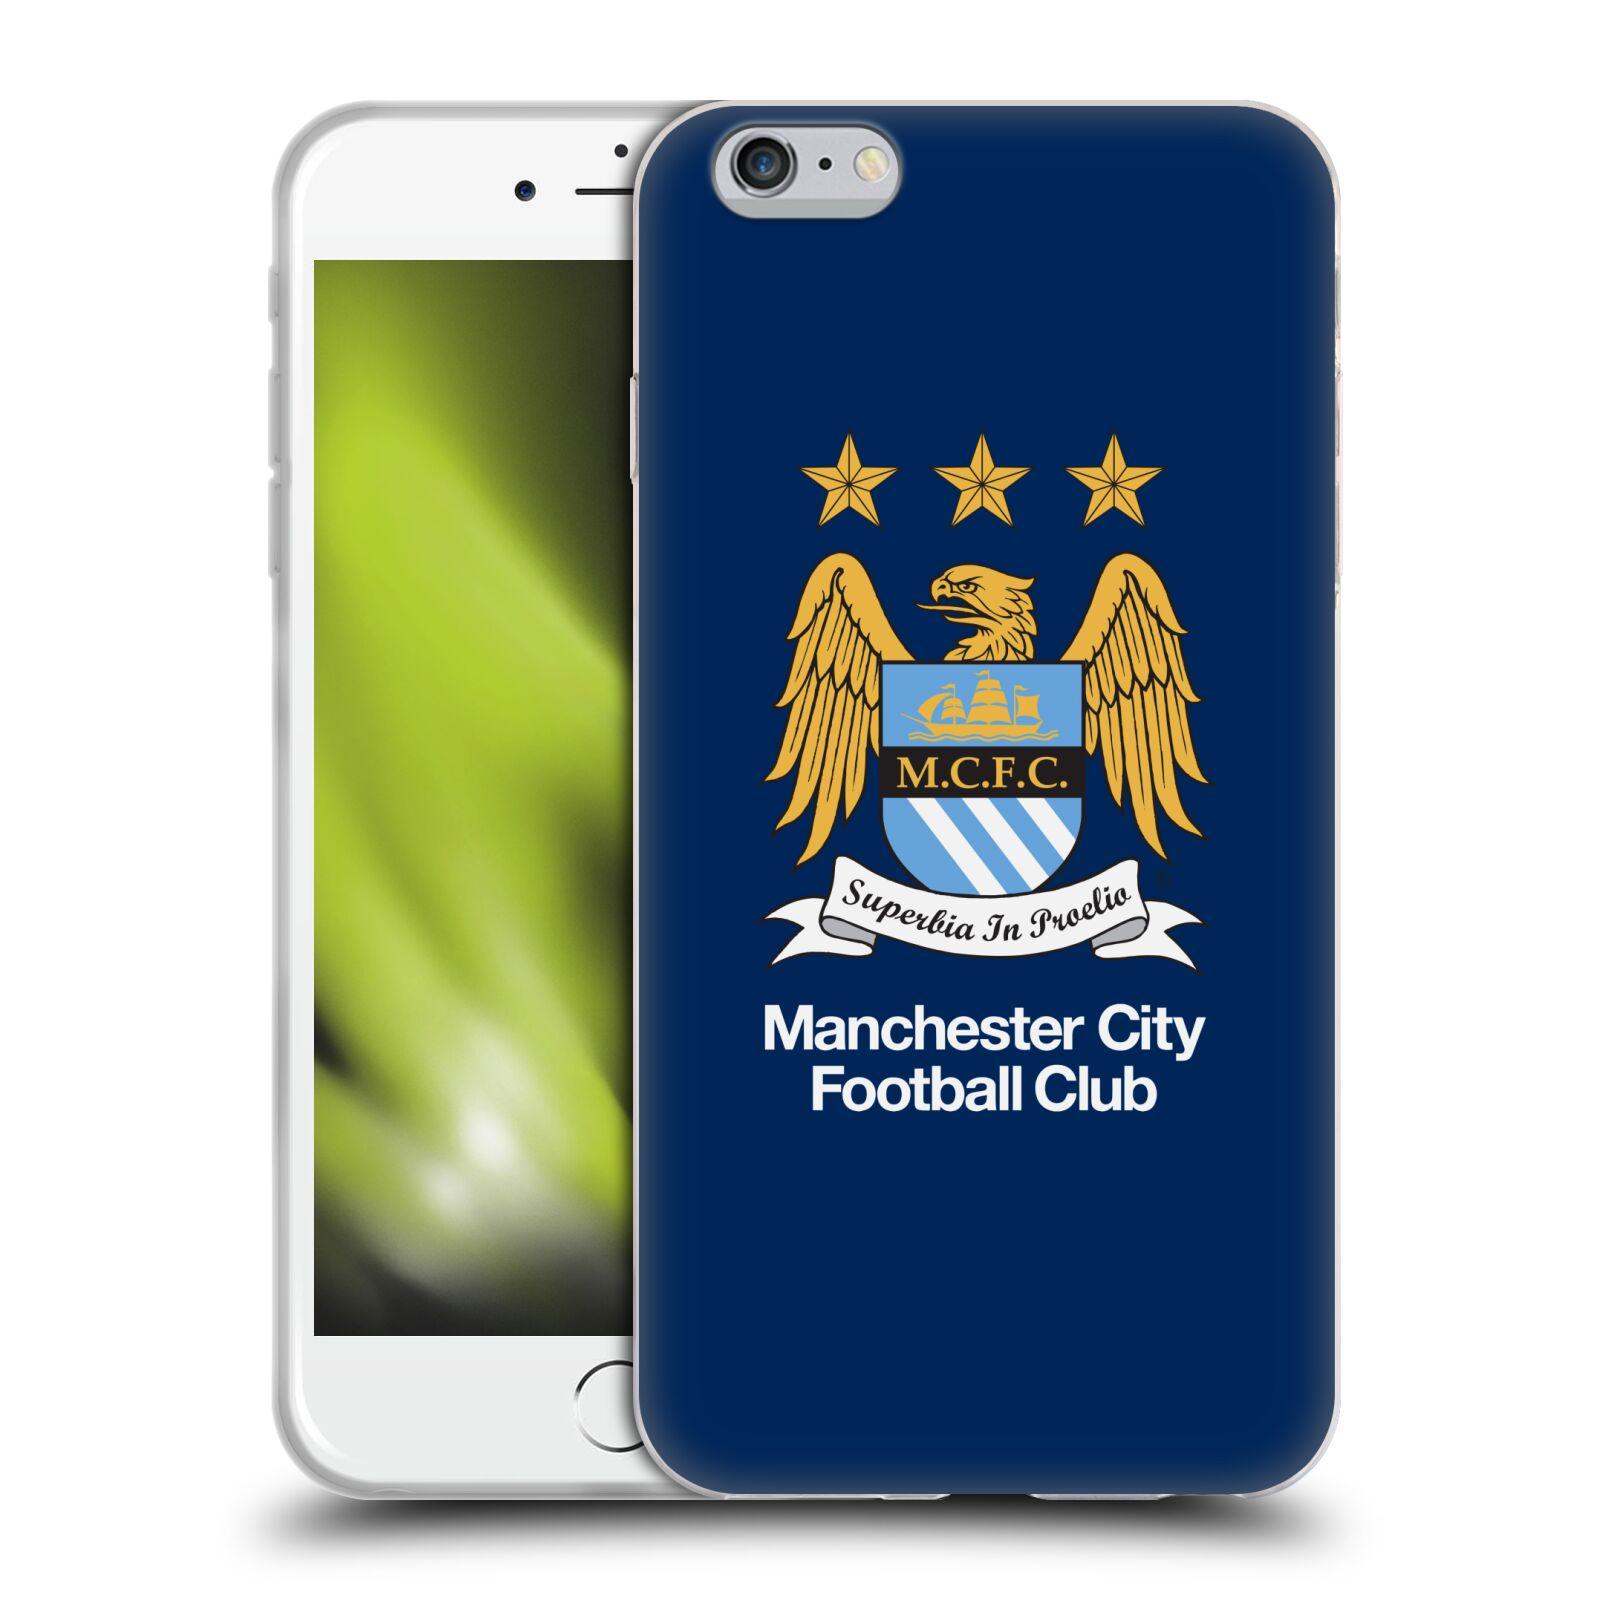 HEAD CASE silikonový obal na mobil Apple Iphone 6/6S PLUS Fotbalový klub Manchester City modré pozadí velký znak